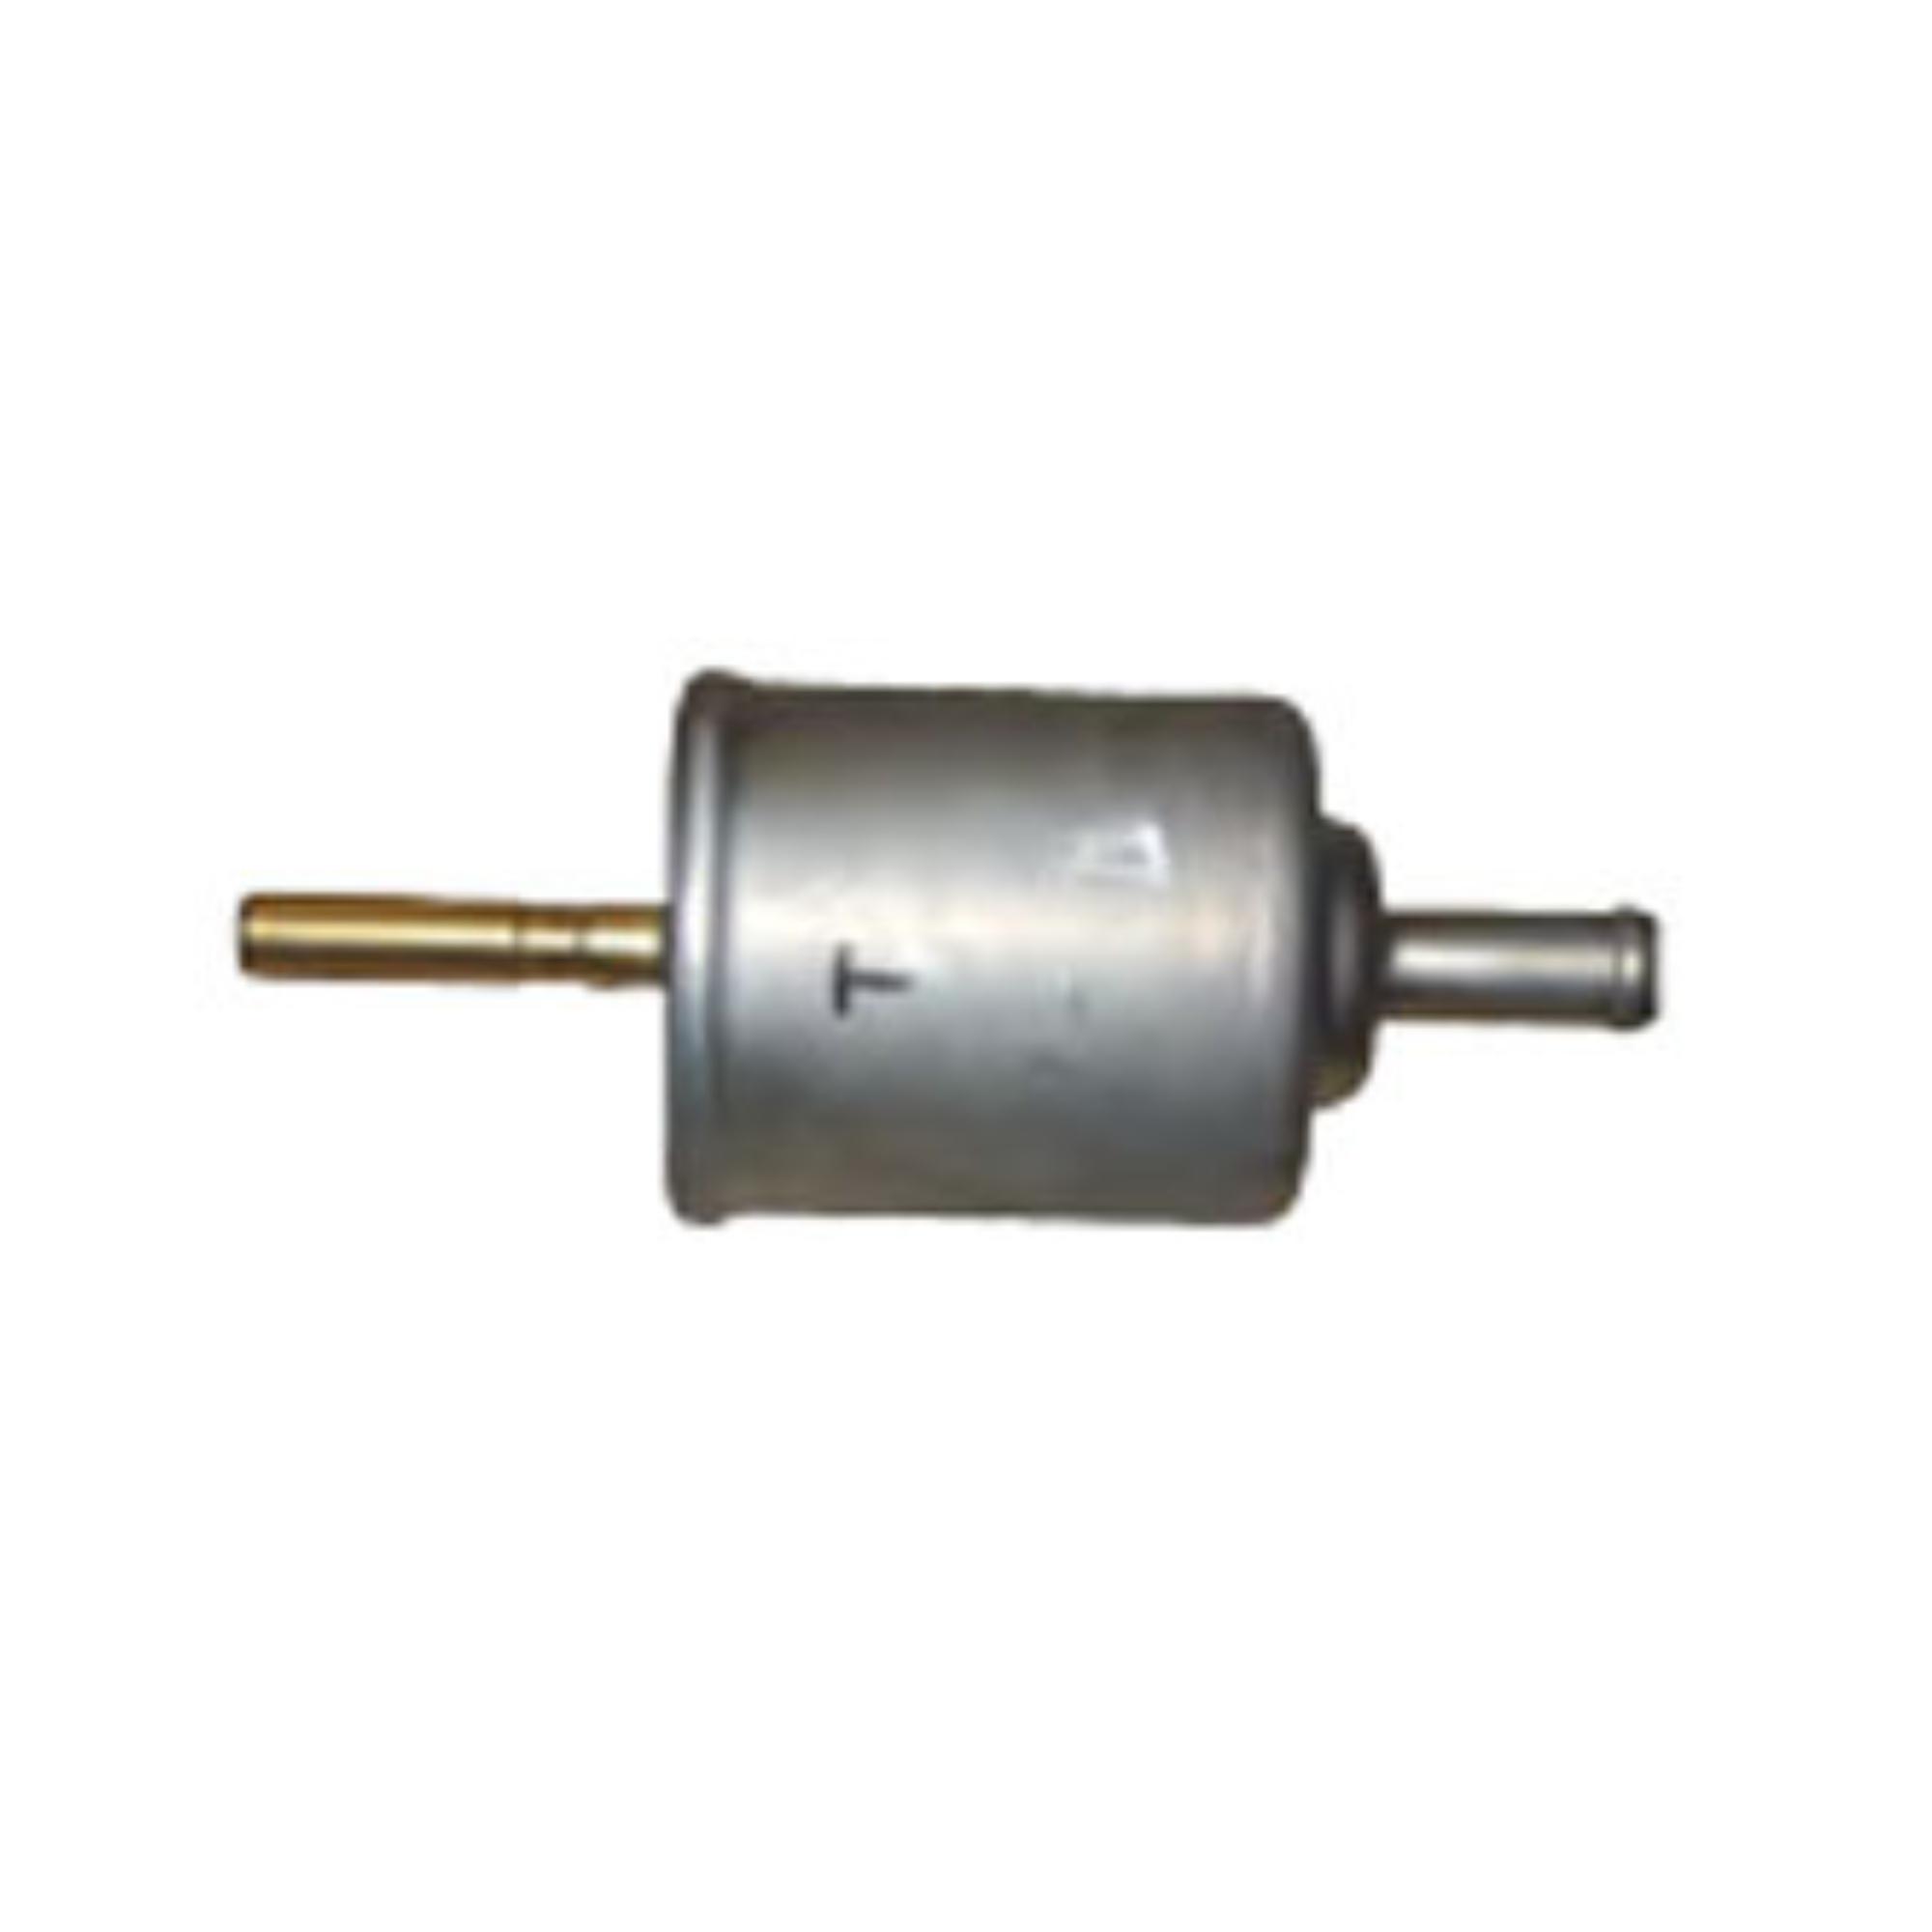 Yamaha New Oem Inline Fuel Filter Strainer 1 60v 24251 01 00 Waverunner